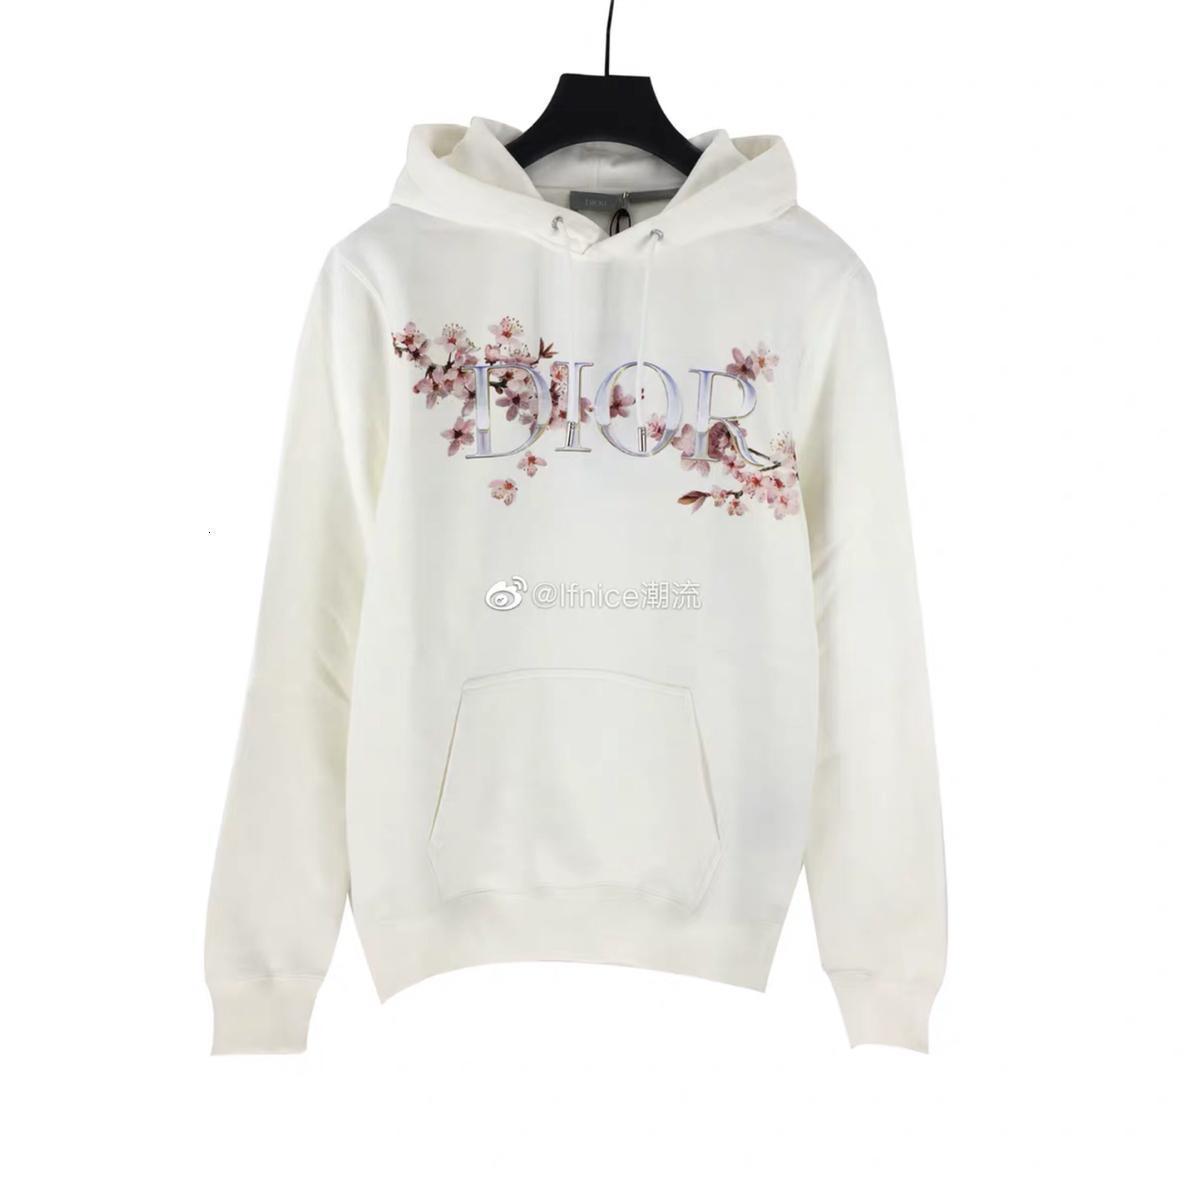 Femmes hoodies nouvelles lettres occasionnels tendance de la mode pêche broderie casual capuche en maille courte